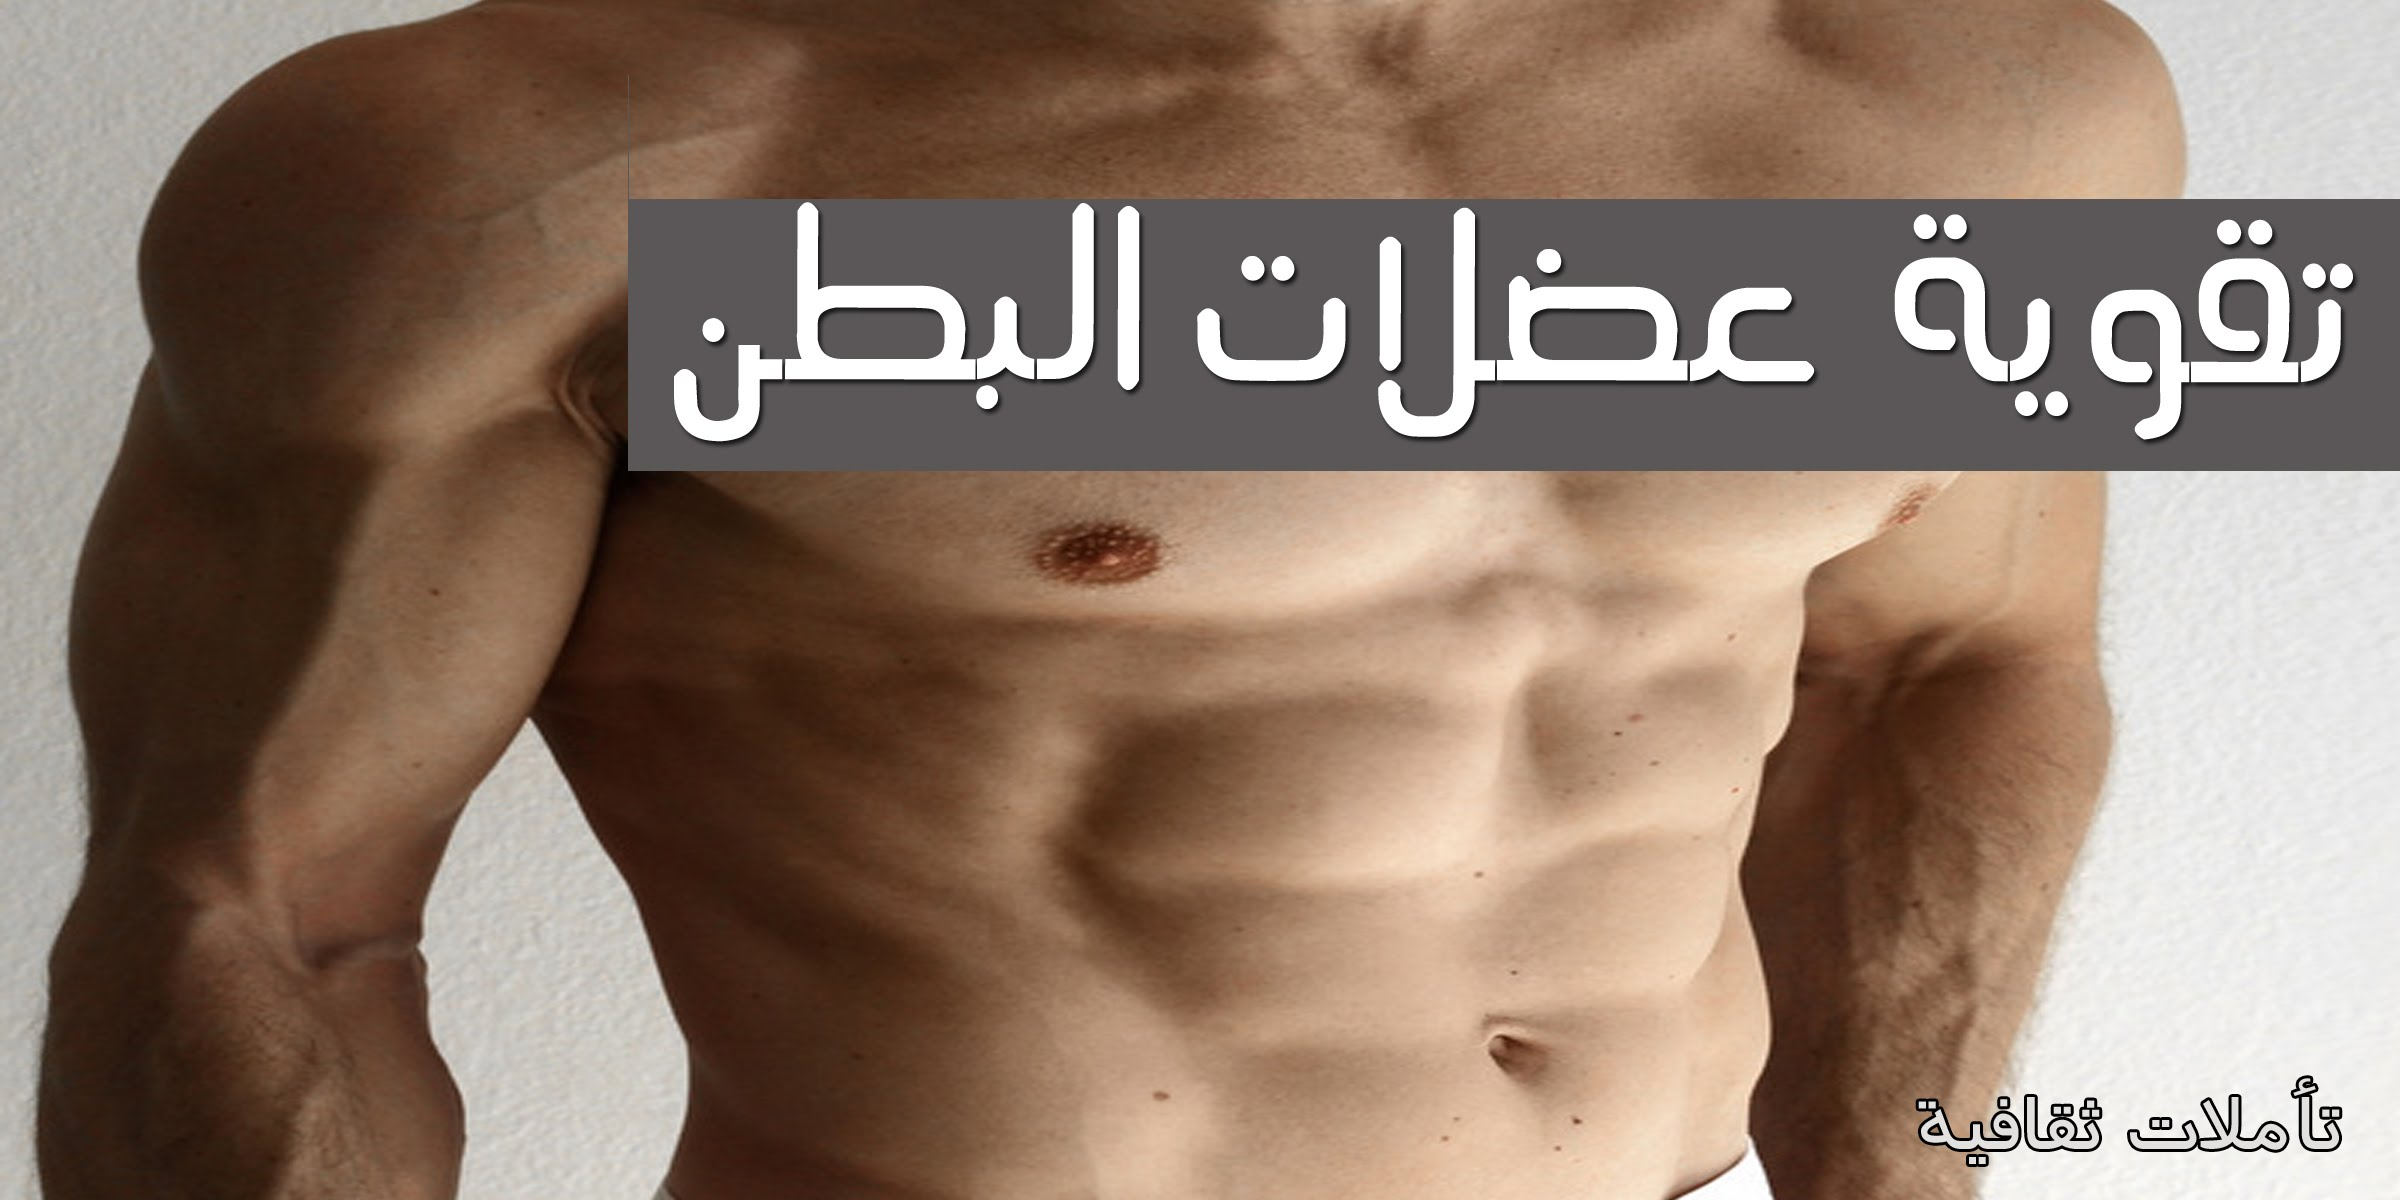 للرجل..4 حركات سهلة لتقوية عضلات البطن